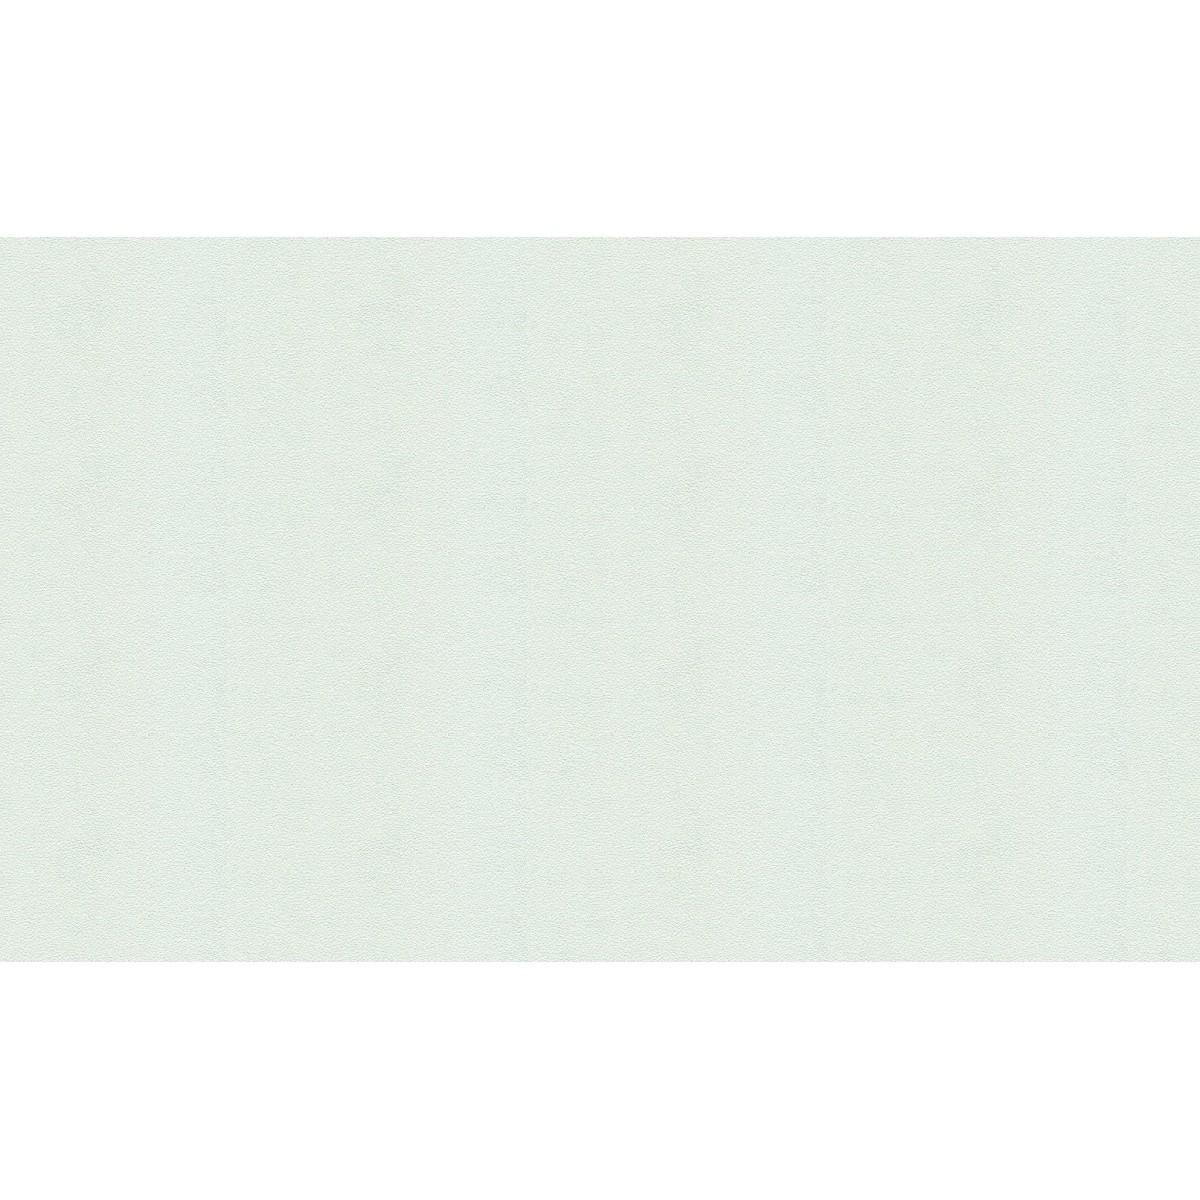 Обои флизелиновые Мир Дамаск Диамант зеленые 1.06 м 45-308-04